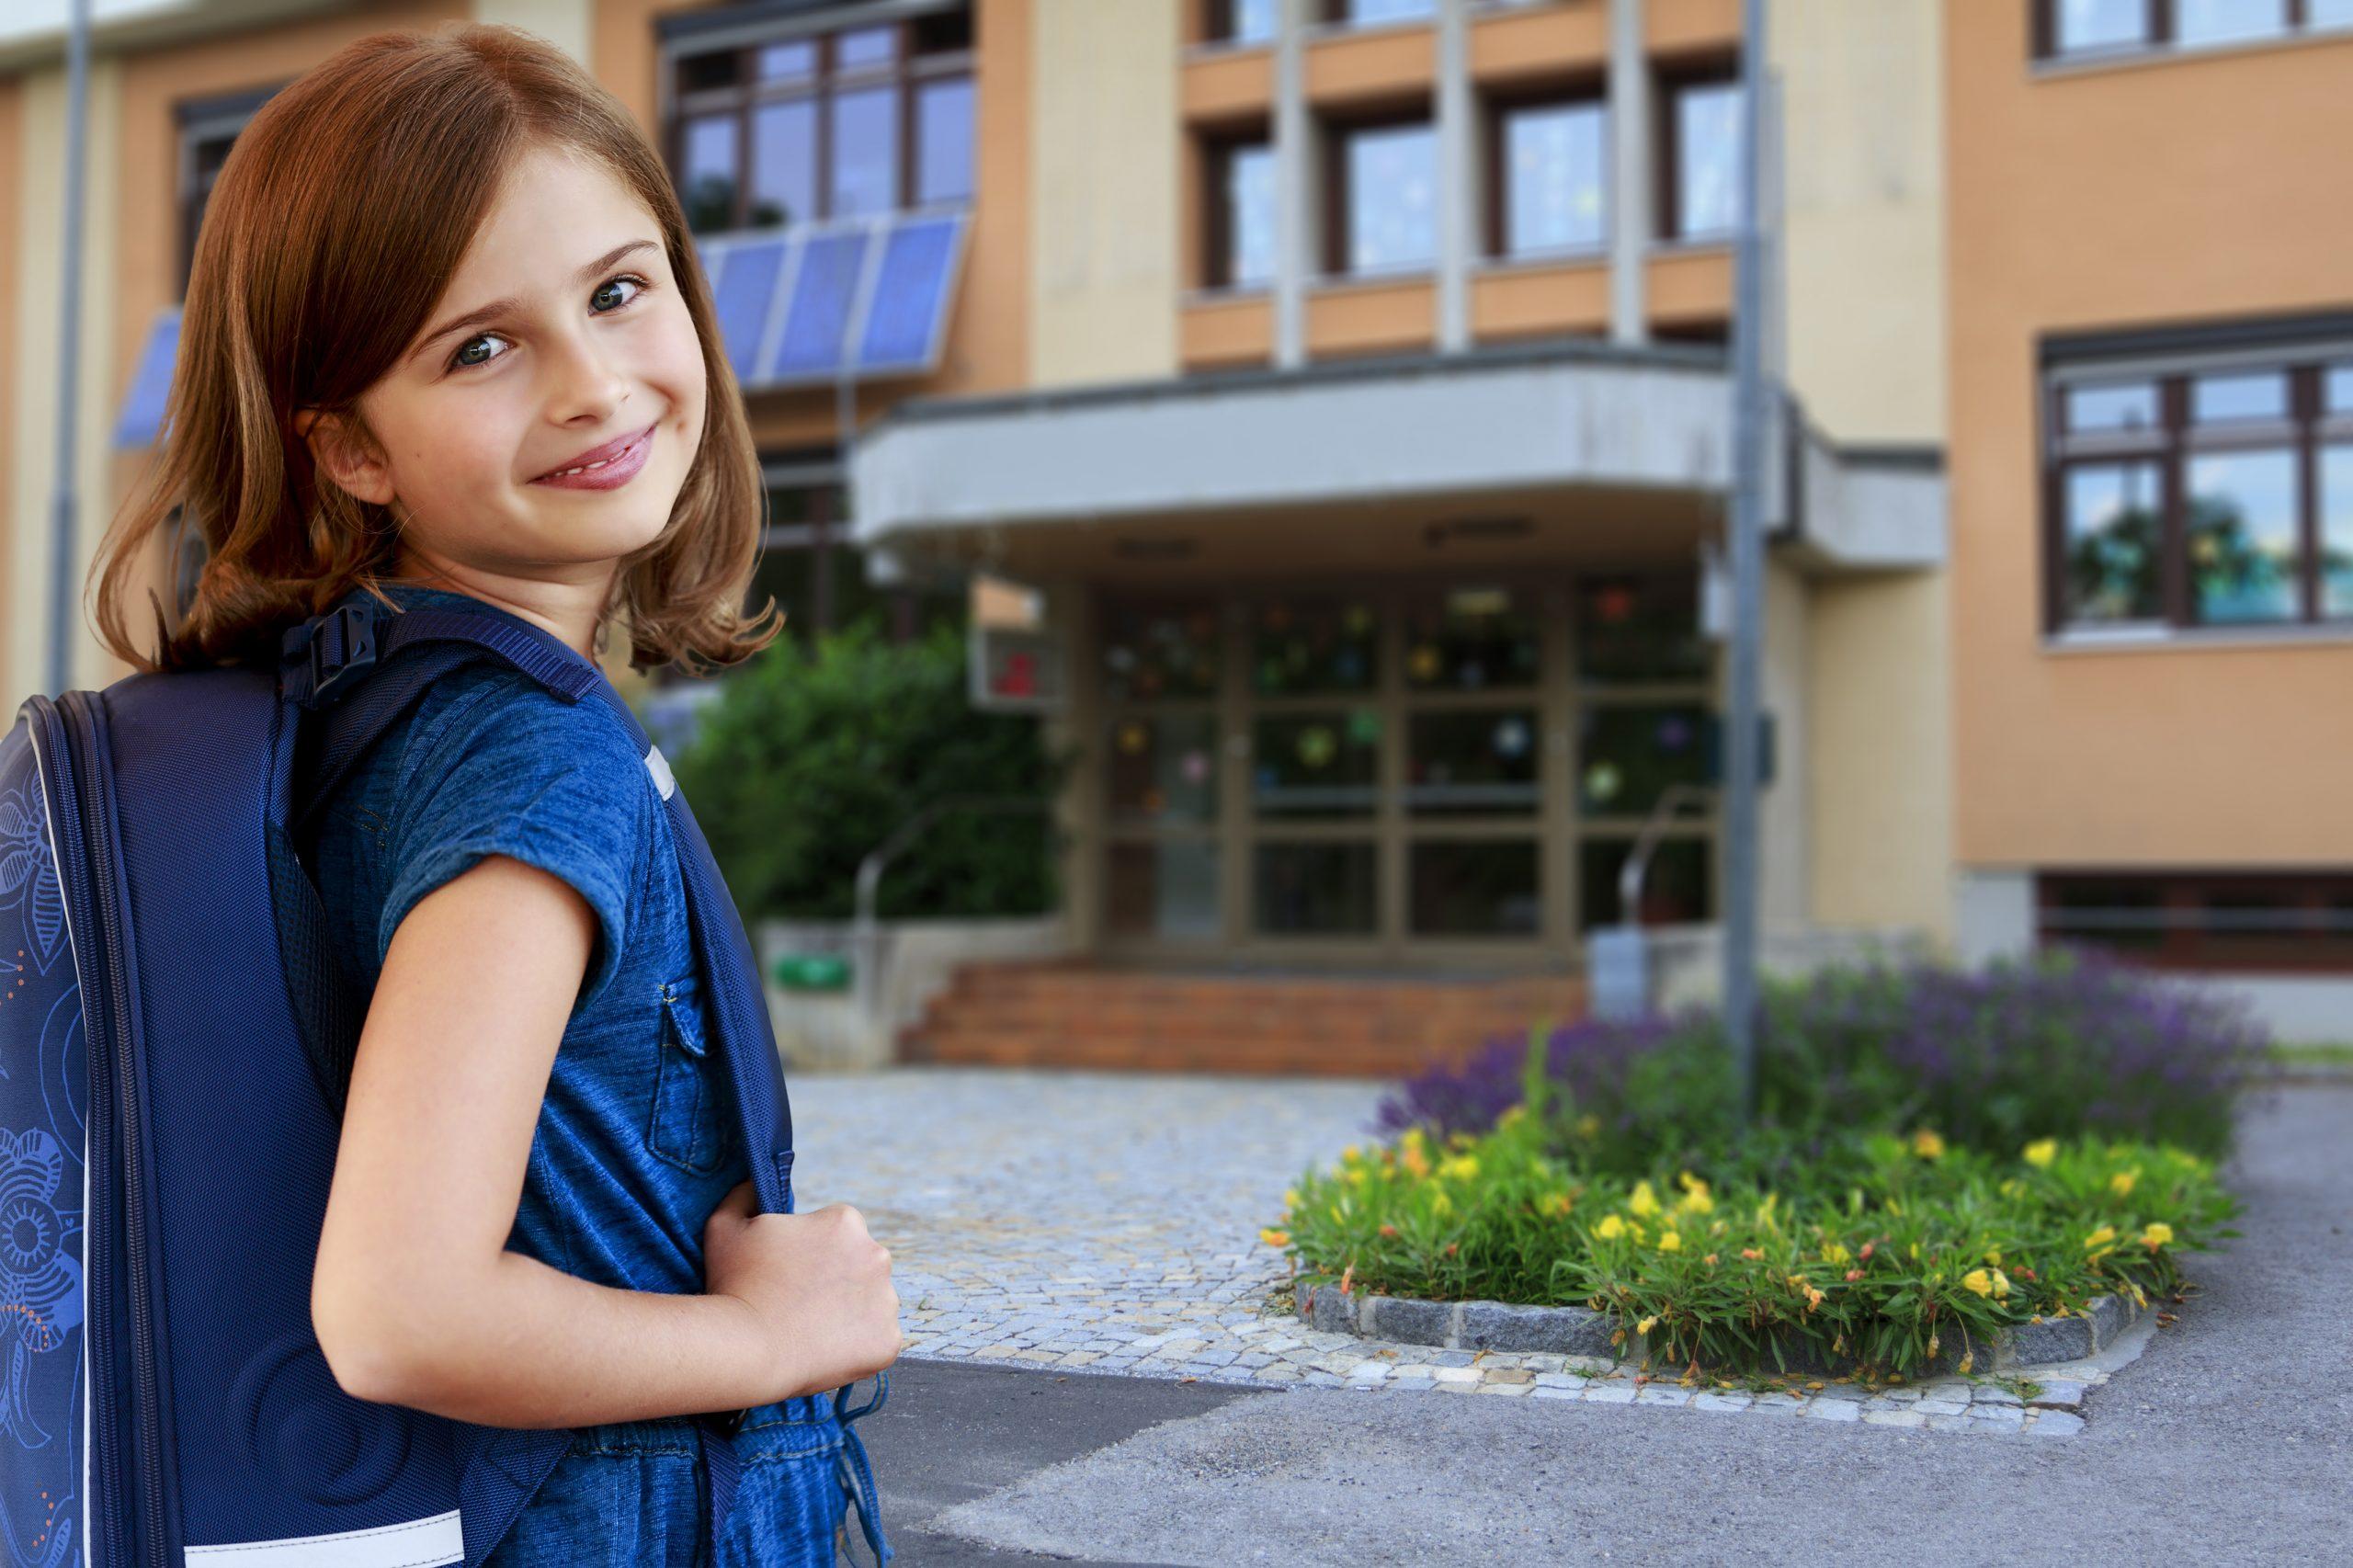 Mädchen vor Schule groß